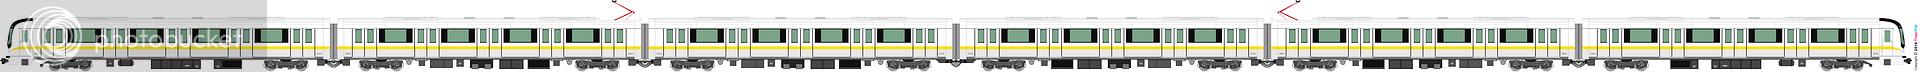 [5225] 廣州地鐵 2225